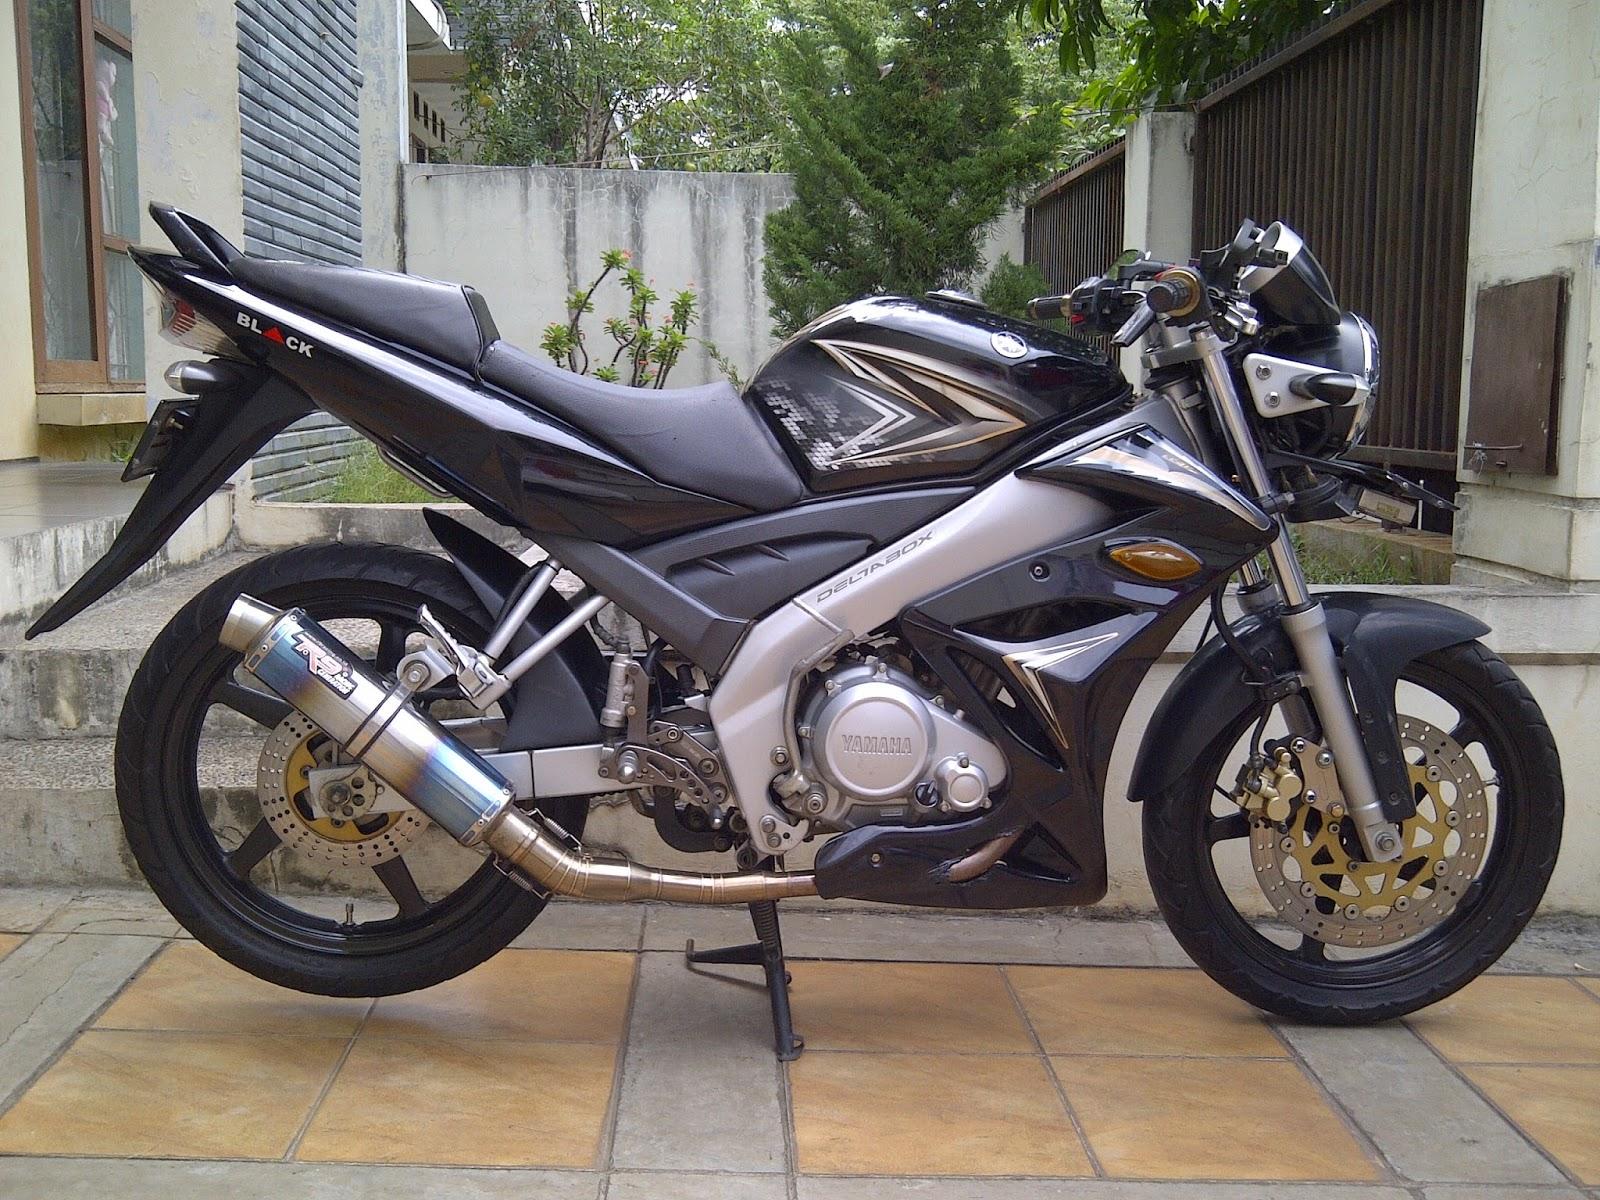 80 Modifikasi Motor Vixion Thn 2009 Terbaru Kinyis Motor